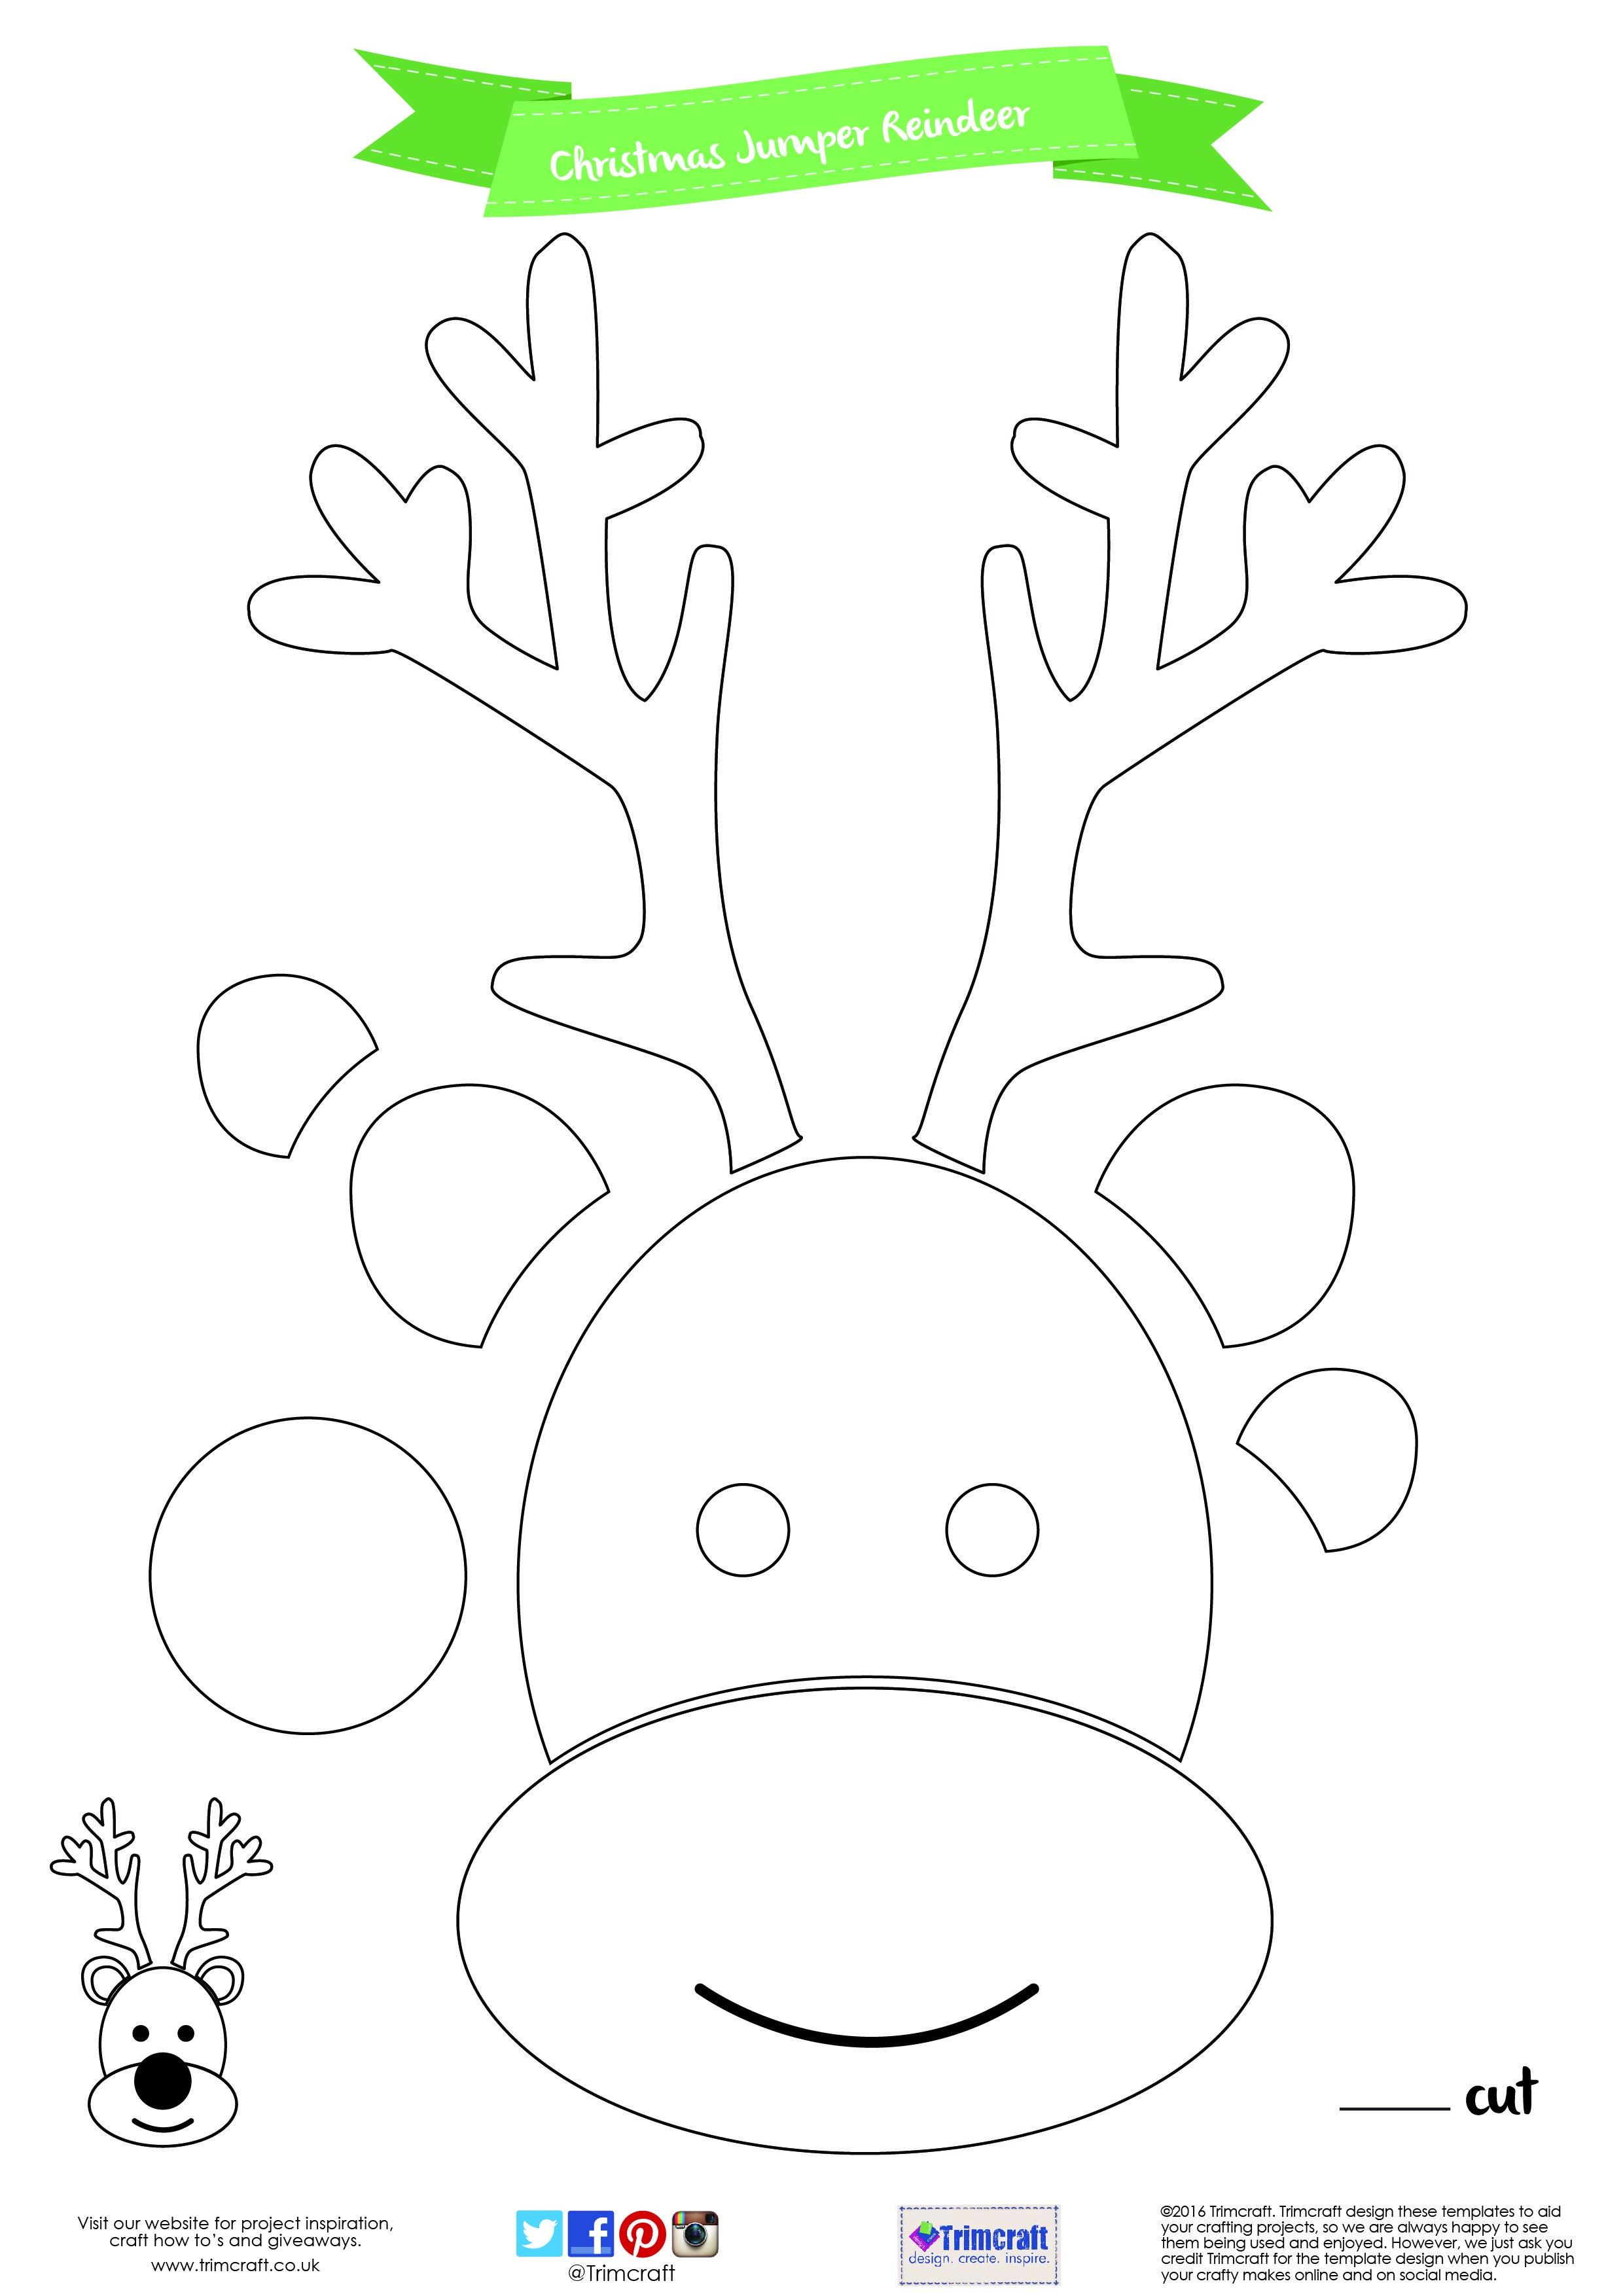 Diy Christmas Jumper Tutorial With Free Printable Template | Cut - Reindeer Antlers Template Free Printable